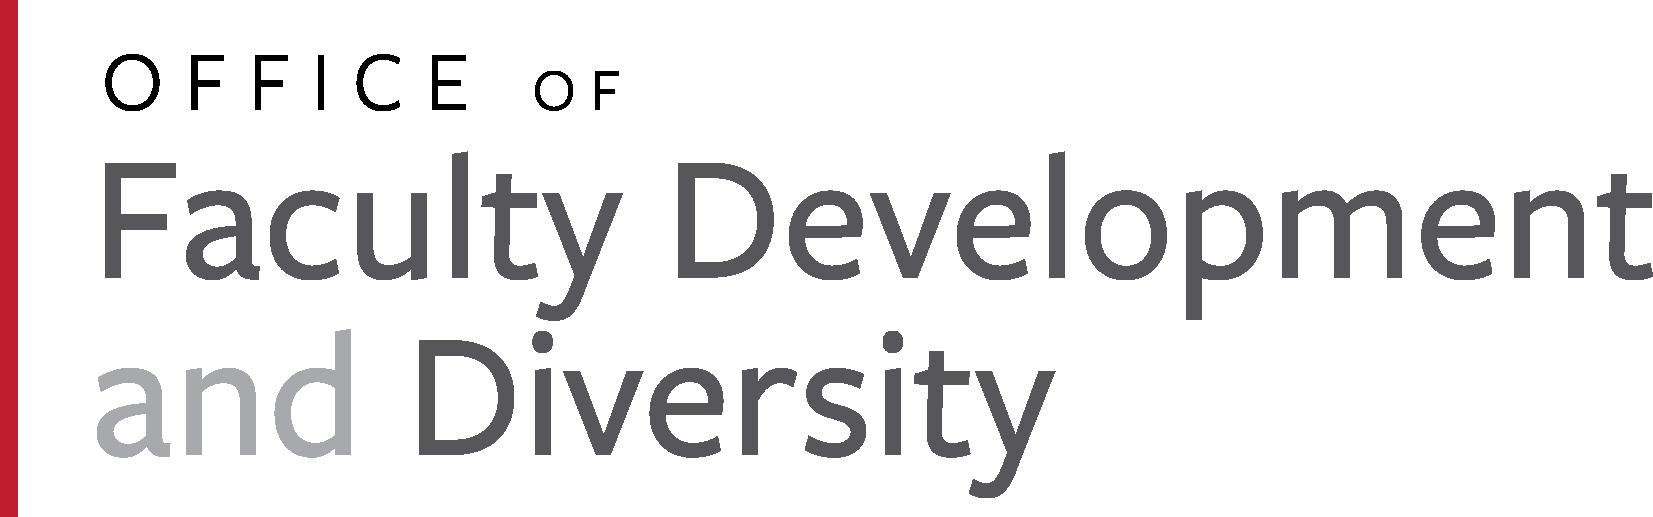 ofdd-logo